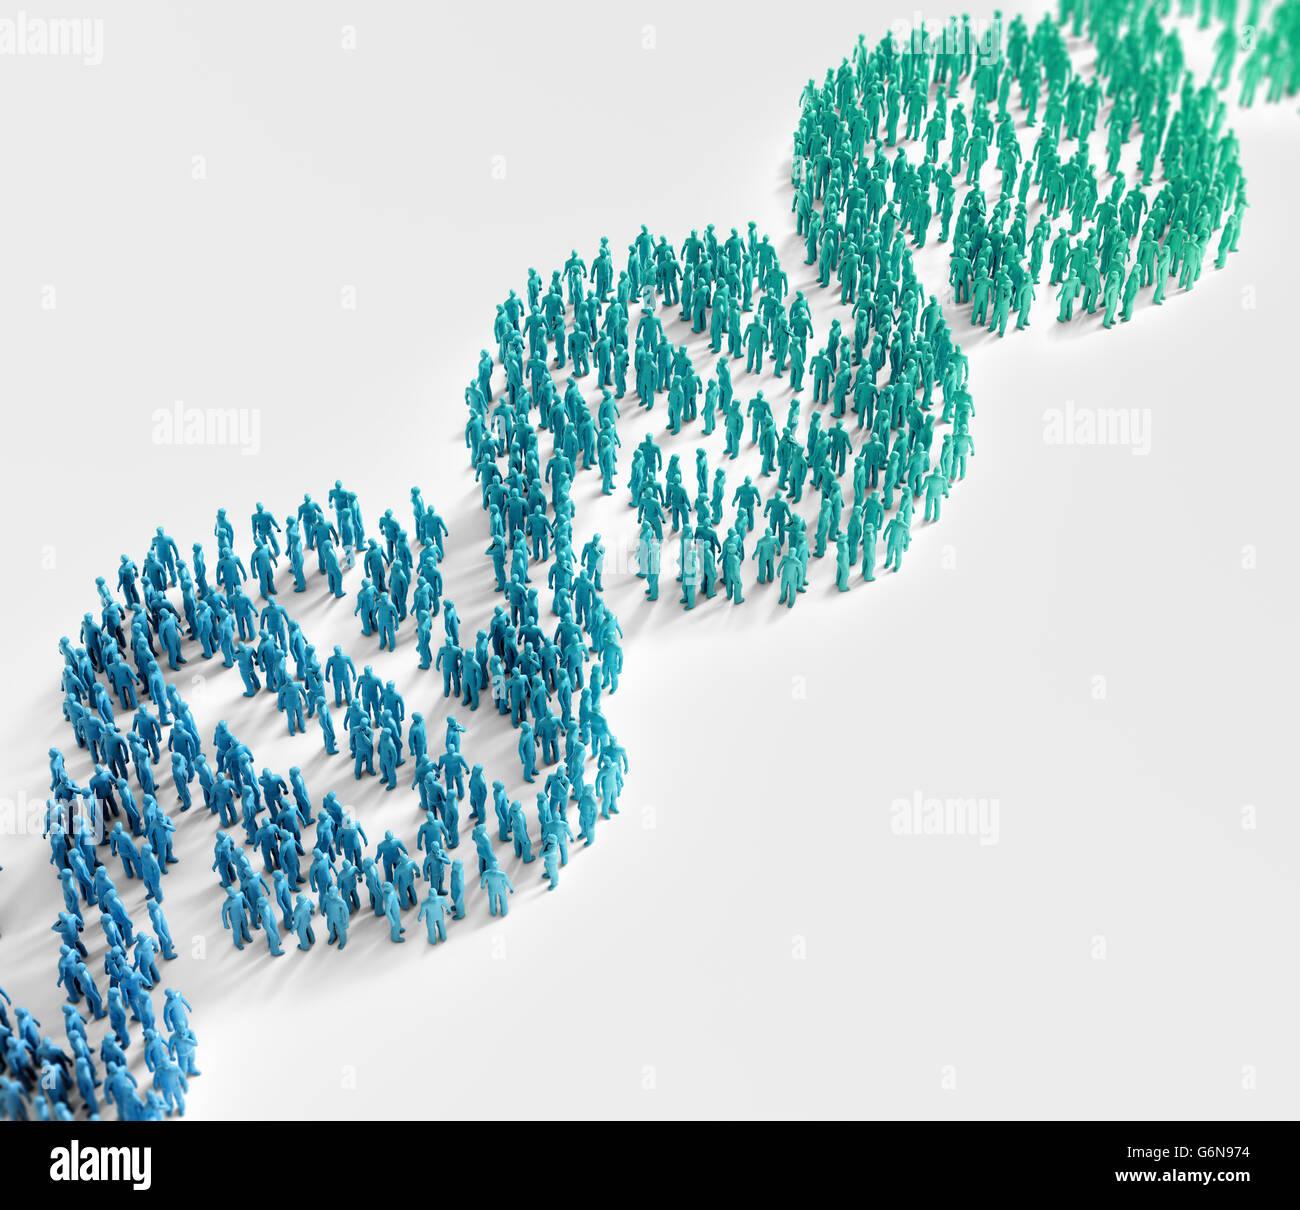 Piccolo popolo formando un elica di DNA - simbolo della ricerca genetica e popolazione ampi tratti genetici concetto Immagini Stock